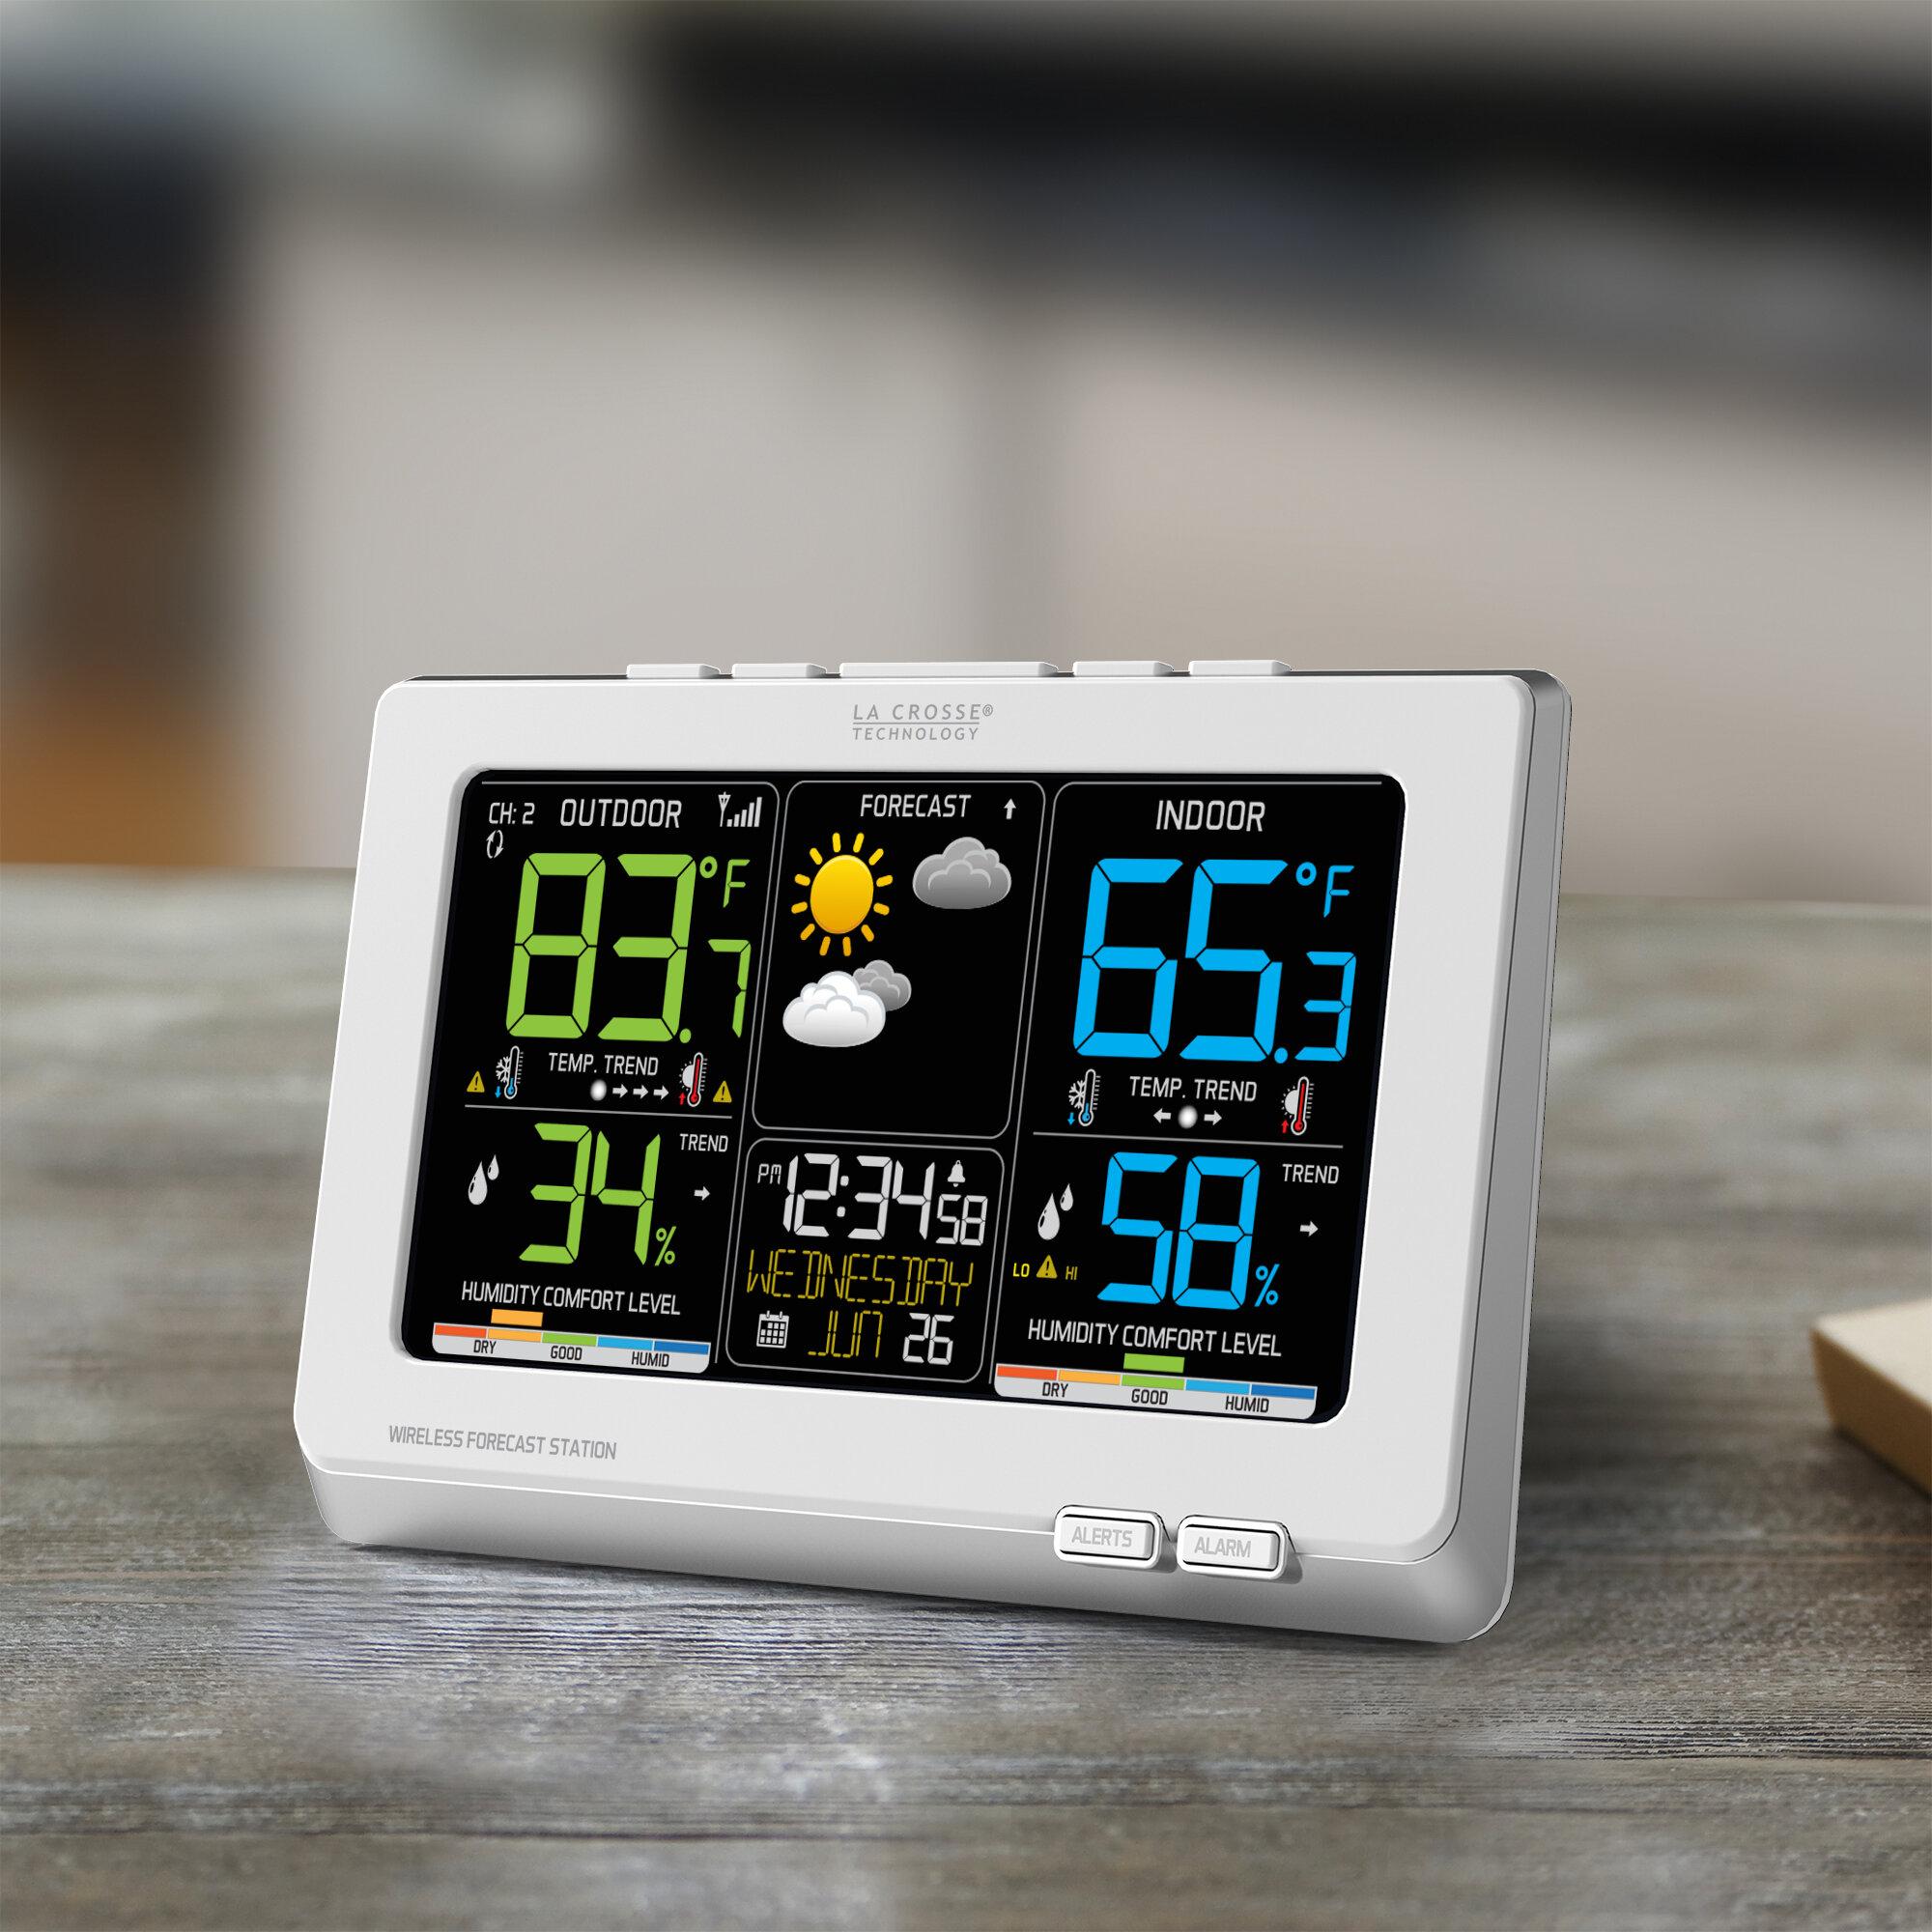 la crosse technology wireless forecast station ebay. Black Bedroom Furniture Sets. Home Design Ideas